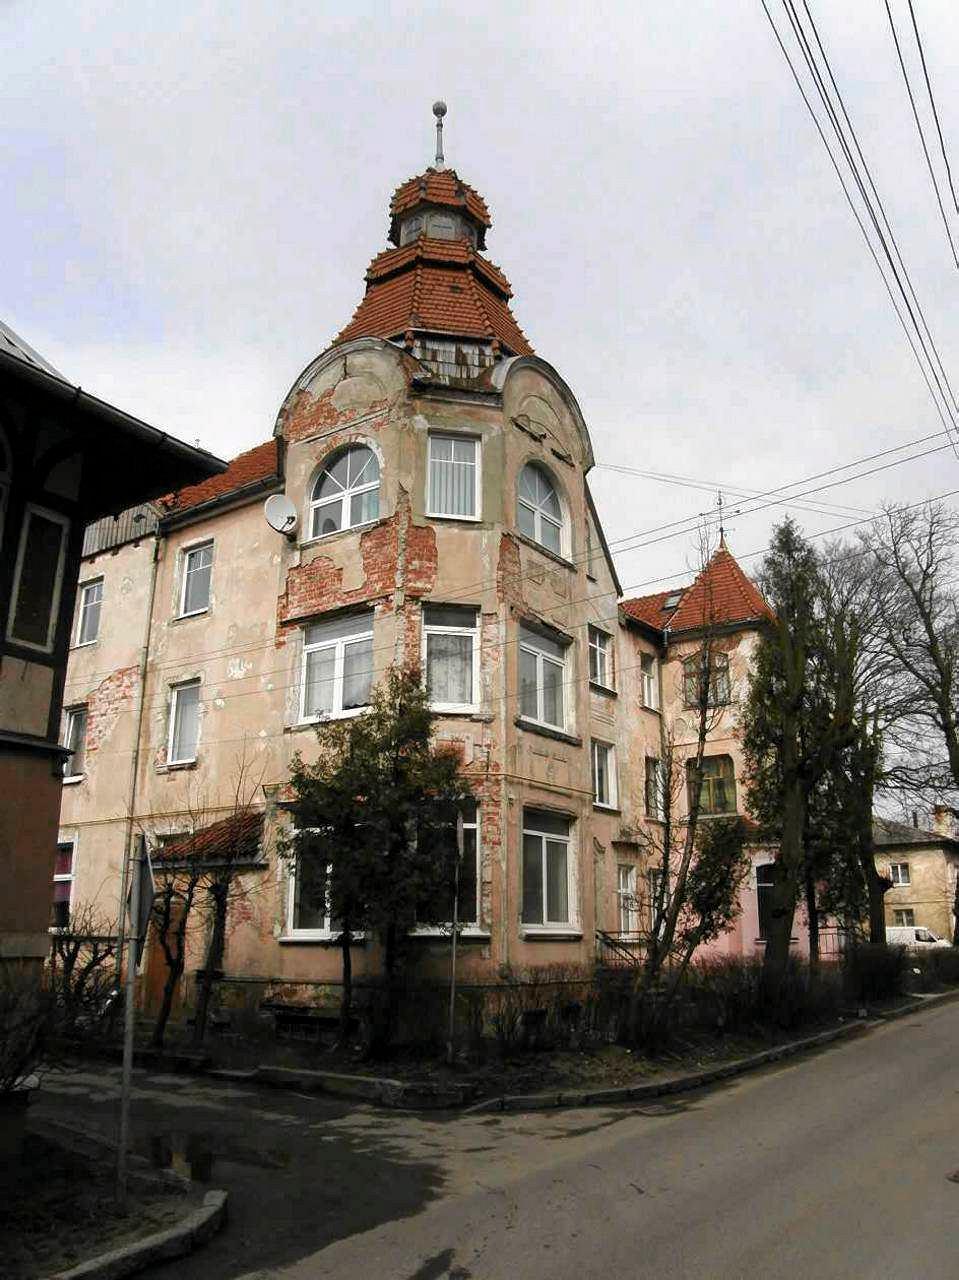 Zdjęcie numer 5 w galerii - Kuchnia rosyjska: Obwód Kaliningradzki